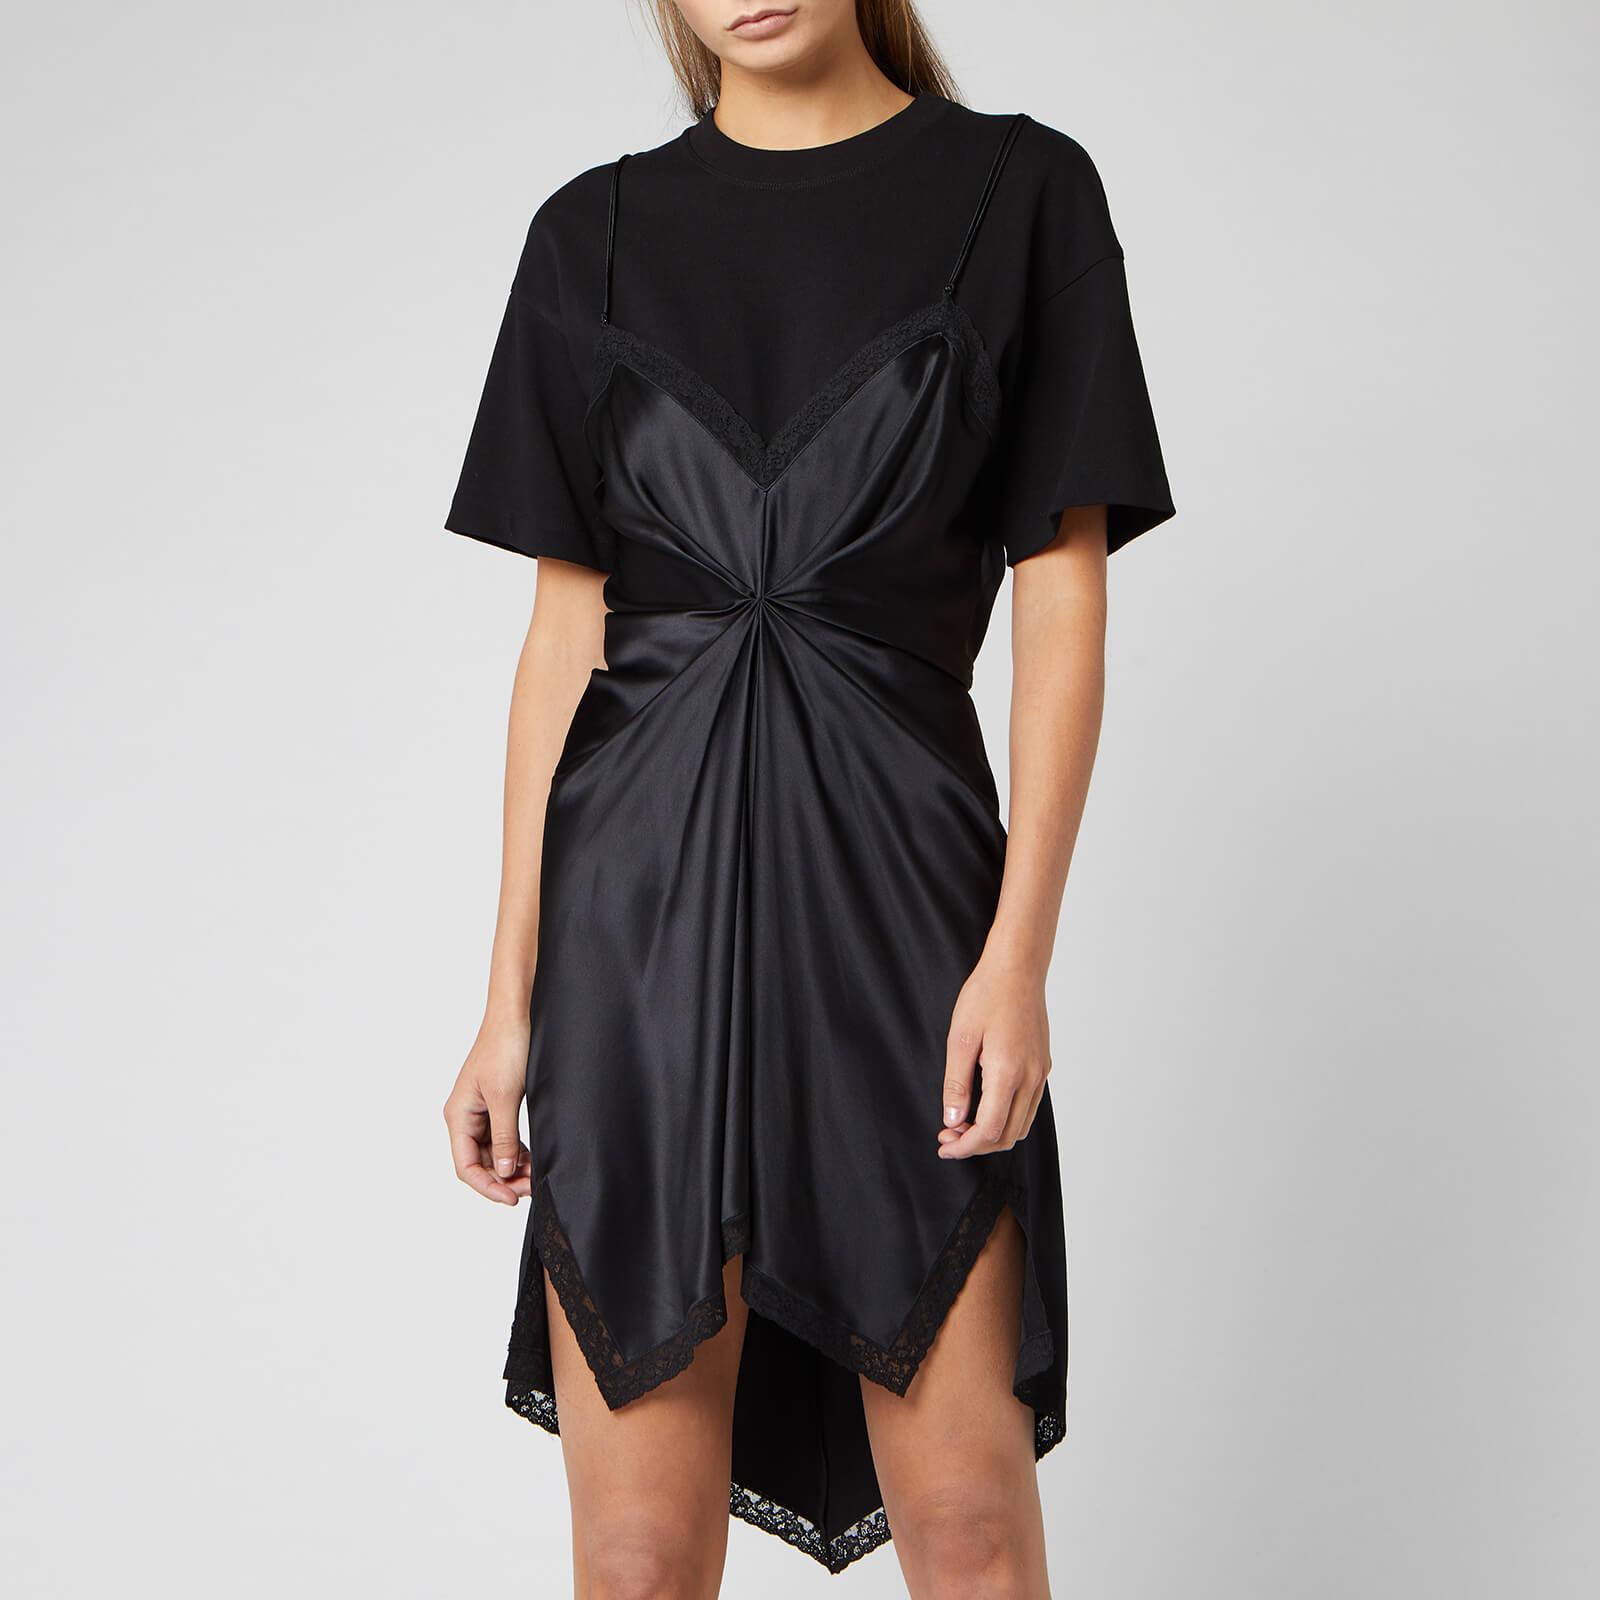 Alexander Wang Women's Cinched T Shirt Slip Dress Black